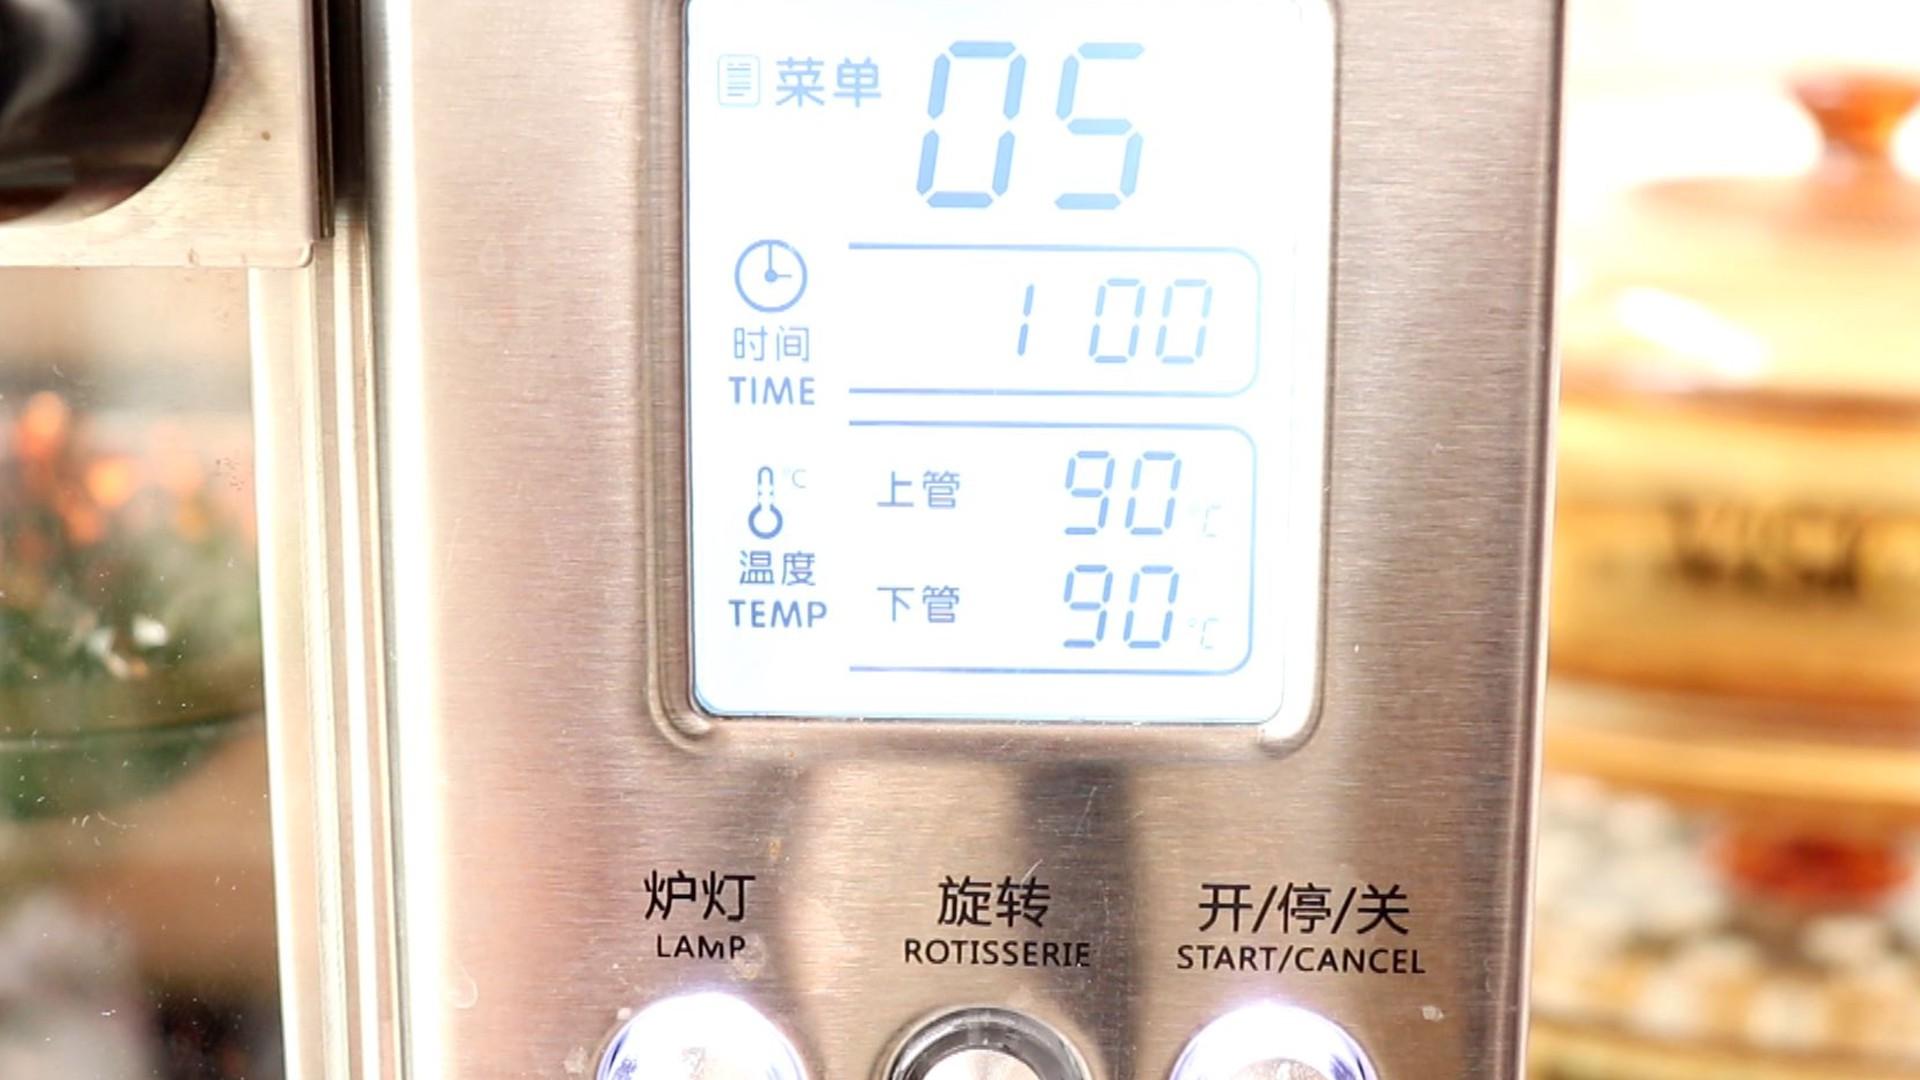 自制香菇粉,上下管90度,继续烘烤1h</p> <p>tips:我做的多,所以一共烘烤了3小时,建议大家做少一些